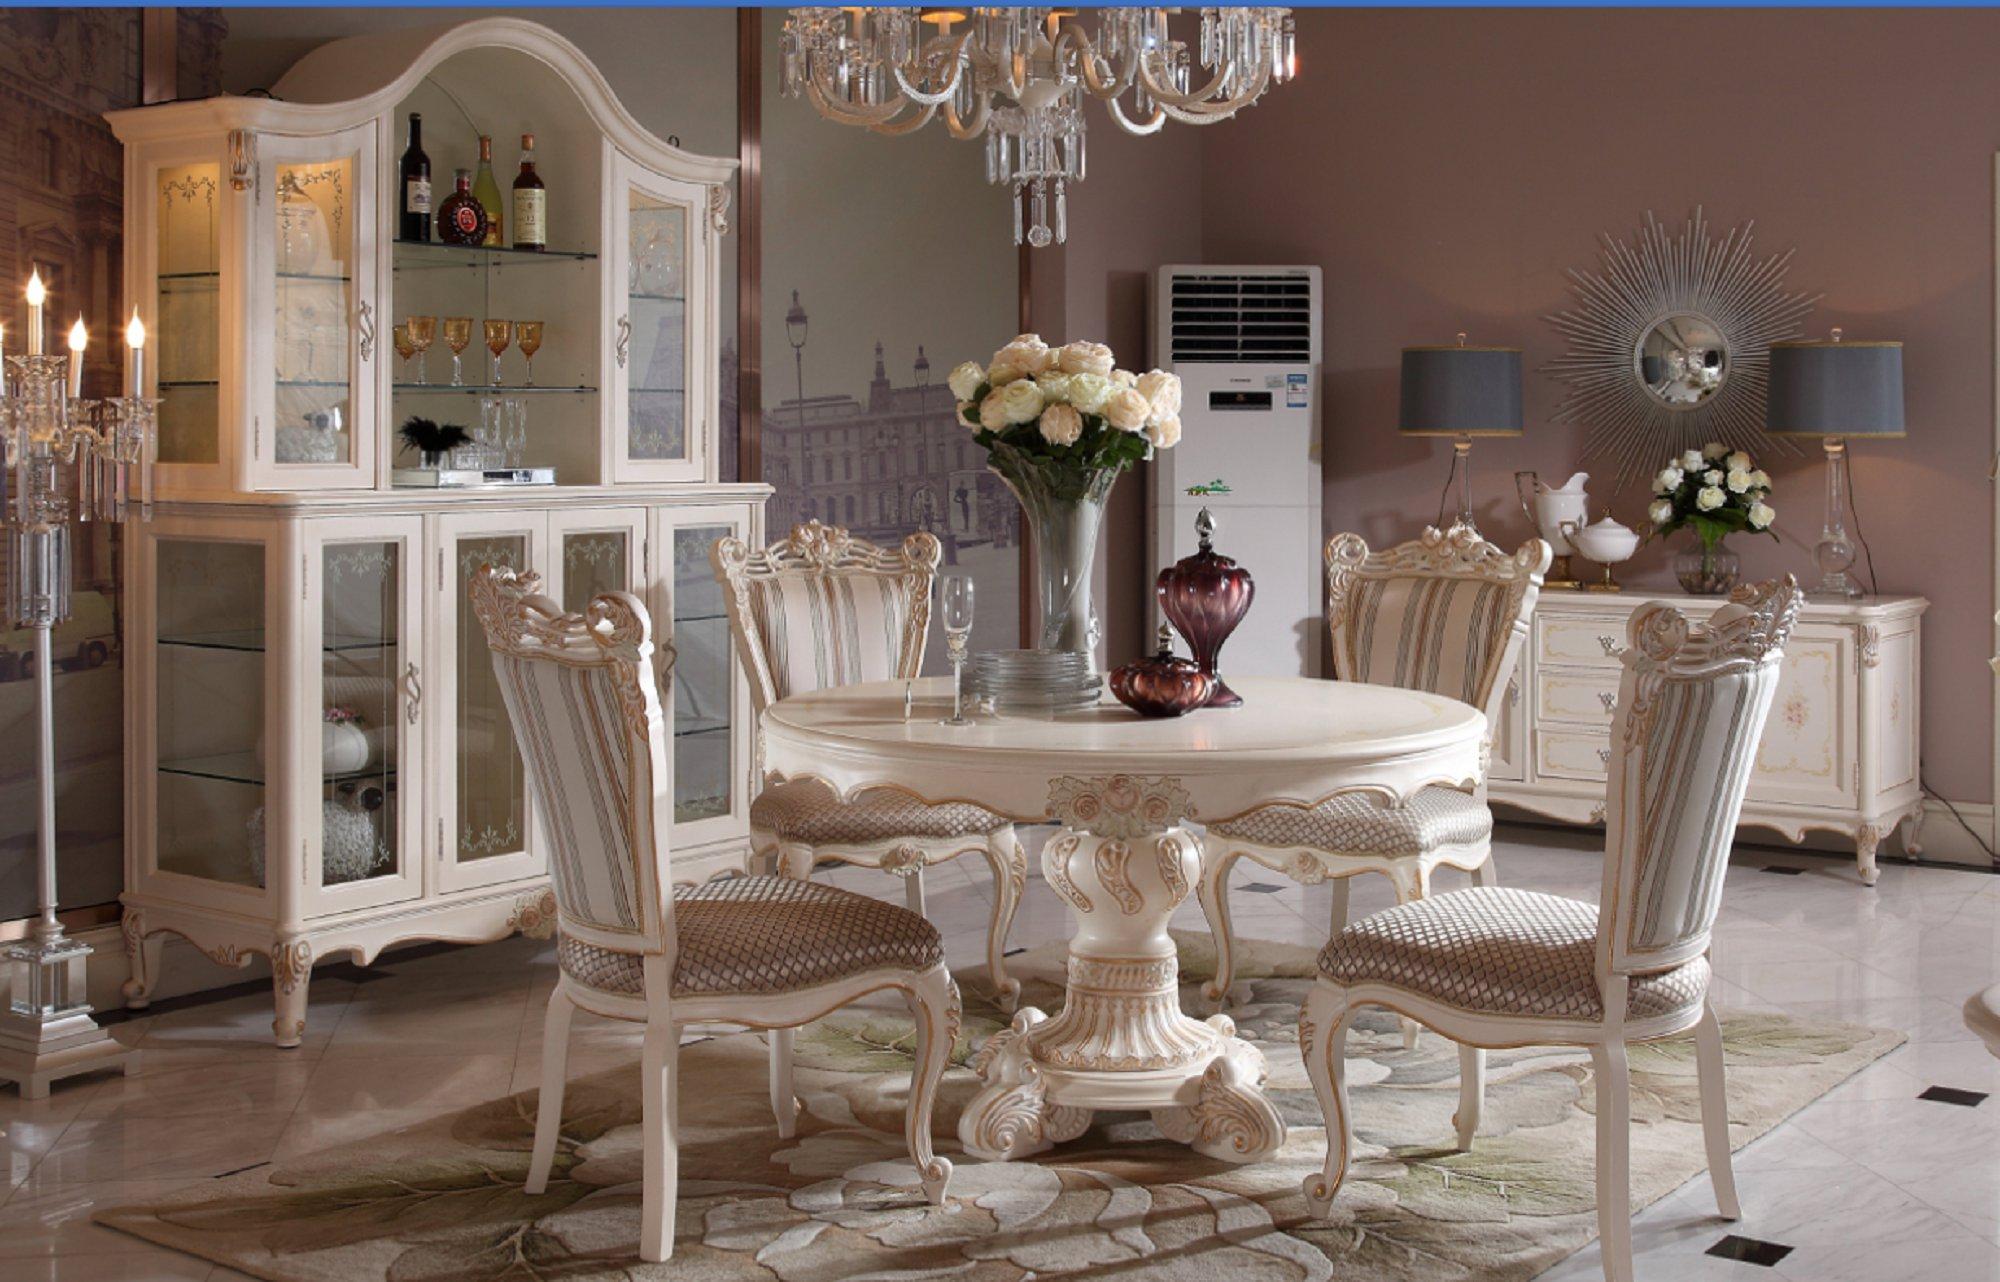 Континентальный круглый обеденный стол твердая деревянная обедая столы и стулья сочетание новый классическая белый французский прямоугольник магазин мебель сделанный на заказ